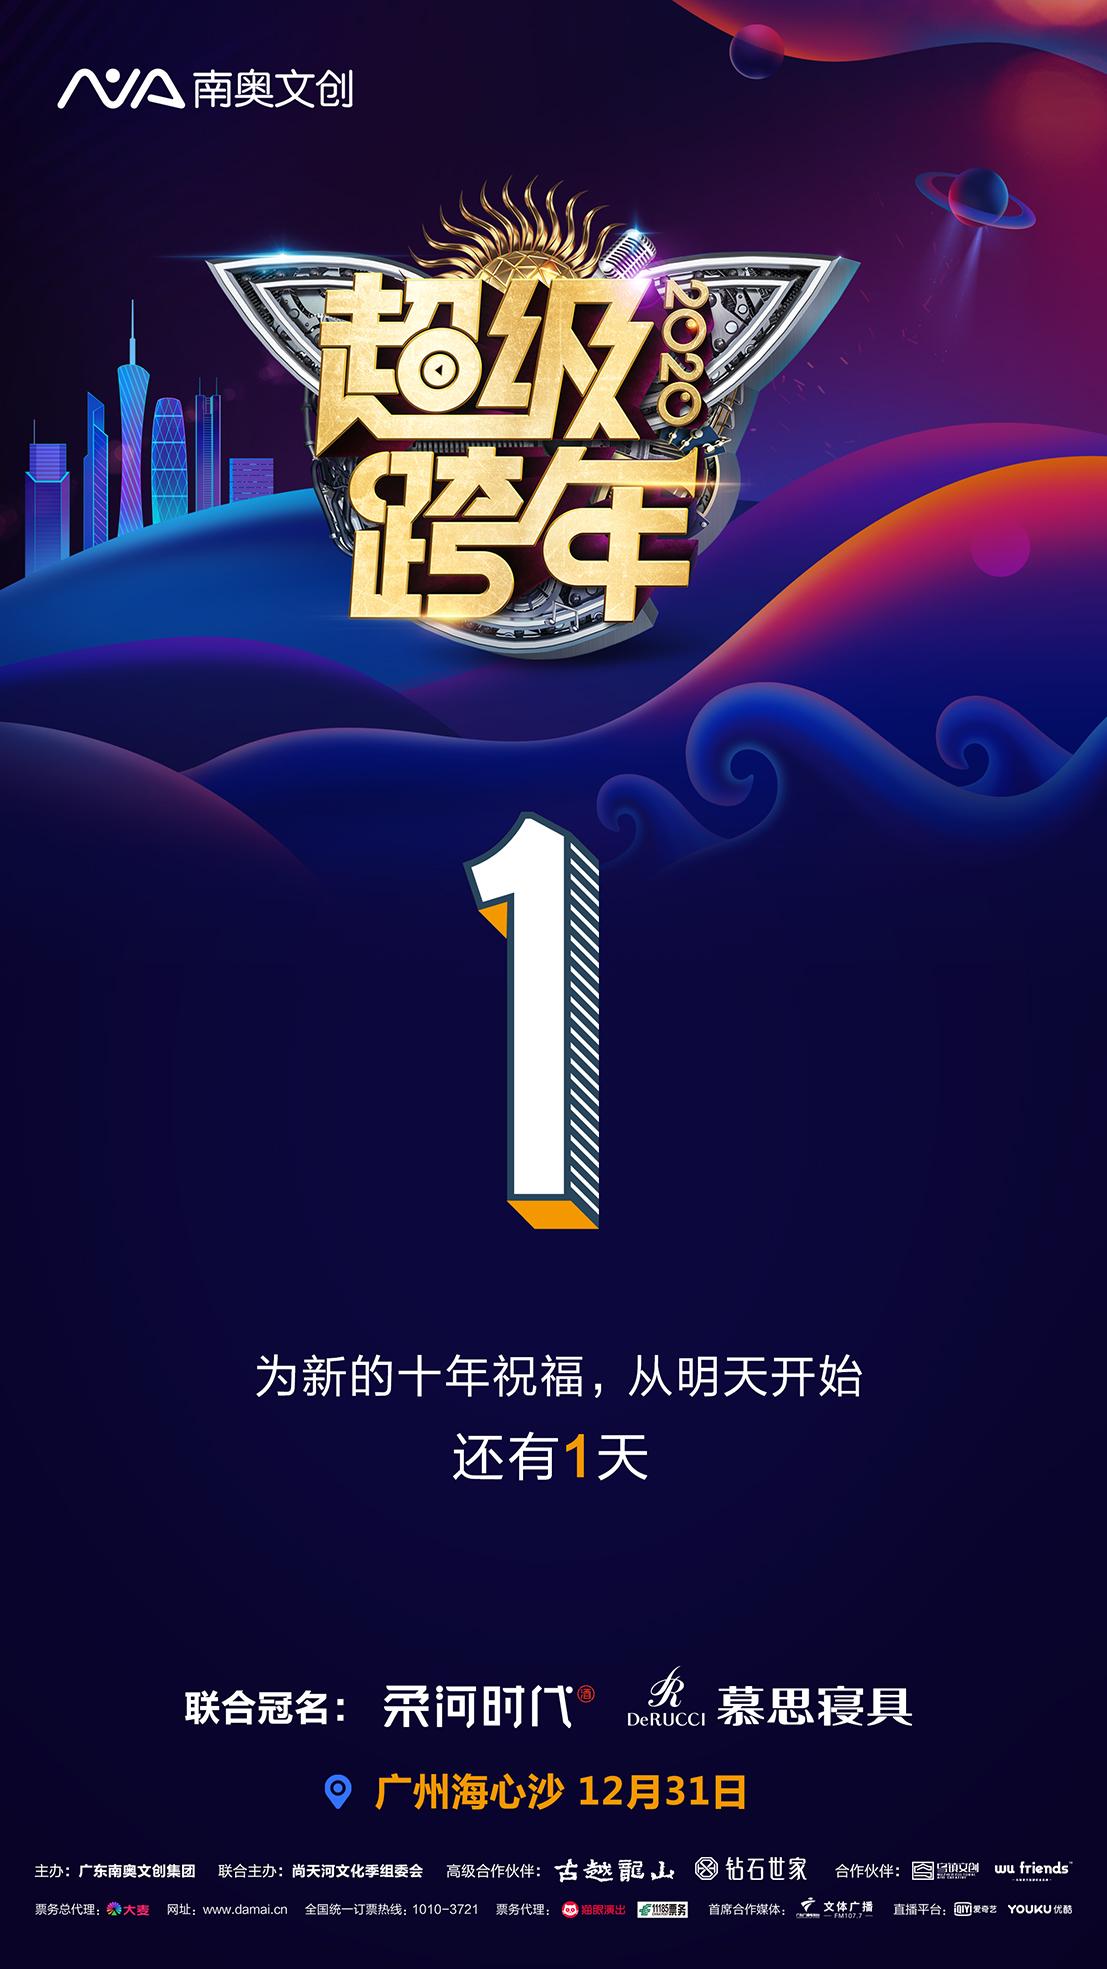 慕思之夜携手梁咏琪,在广州海心沙送福利迎跨年!_好运